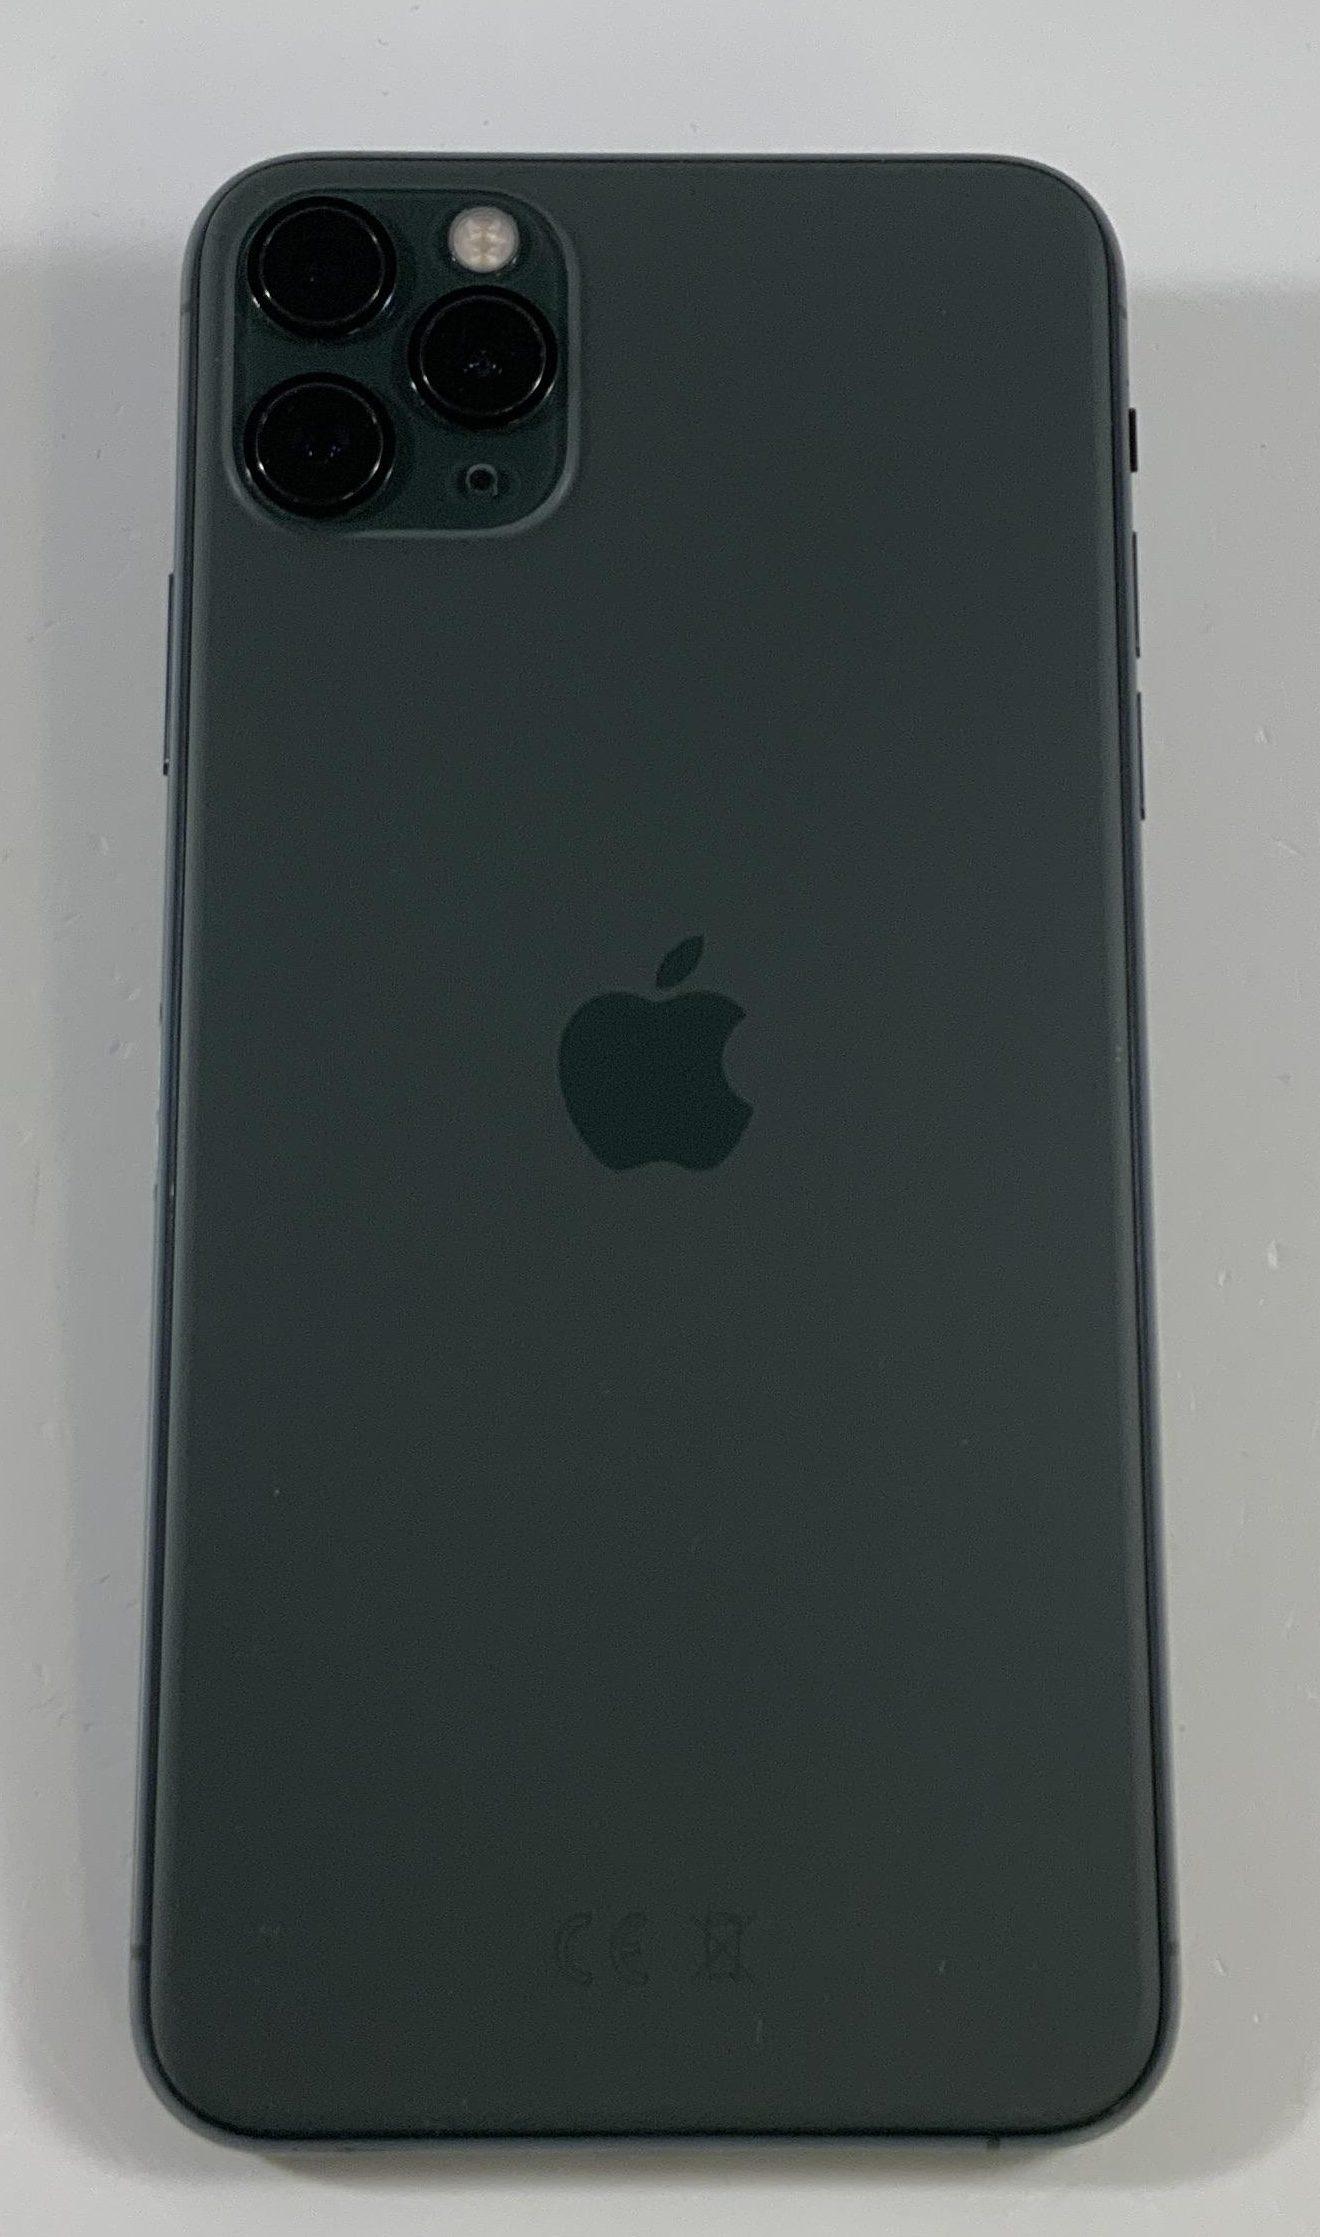 iPhone 11 Pro Max 64GB, 64GB, Midnight Green, immagine 2